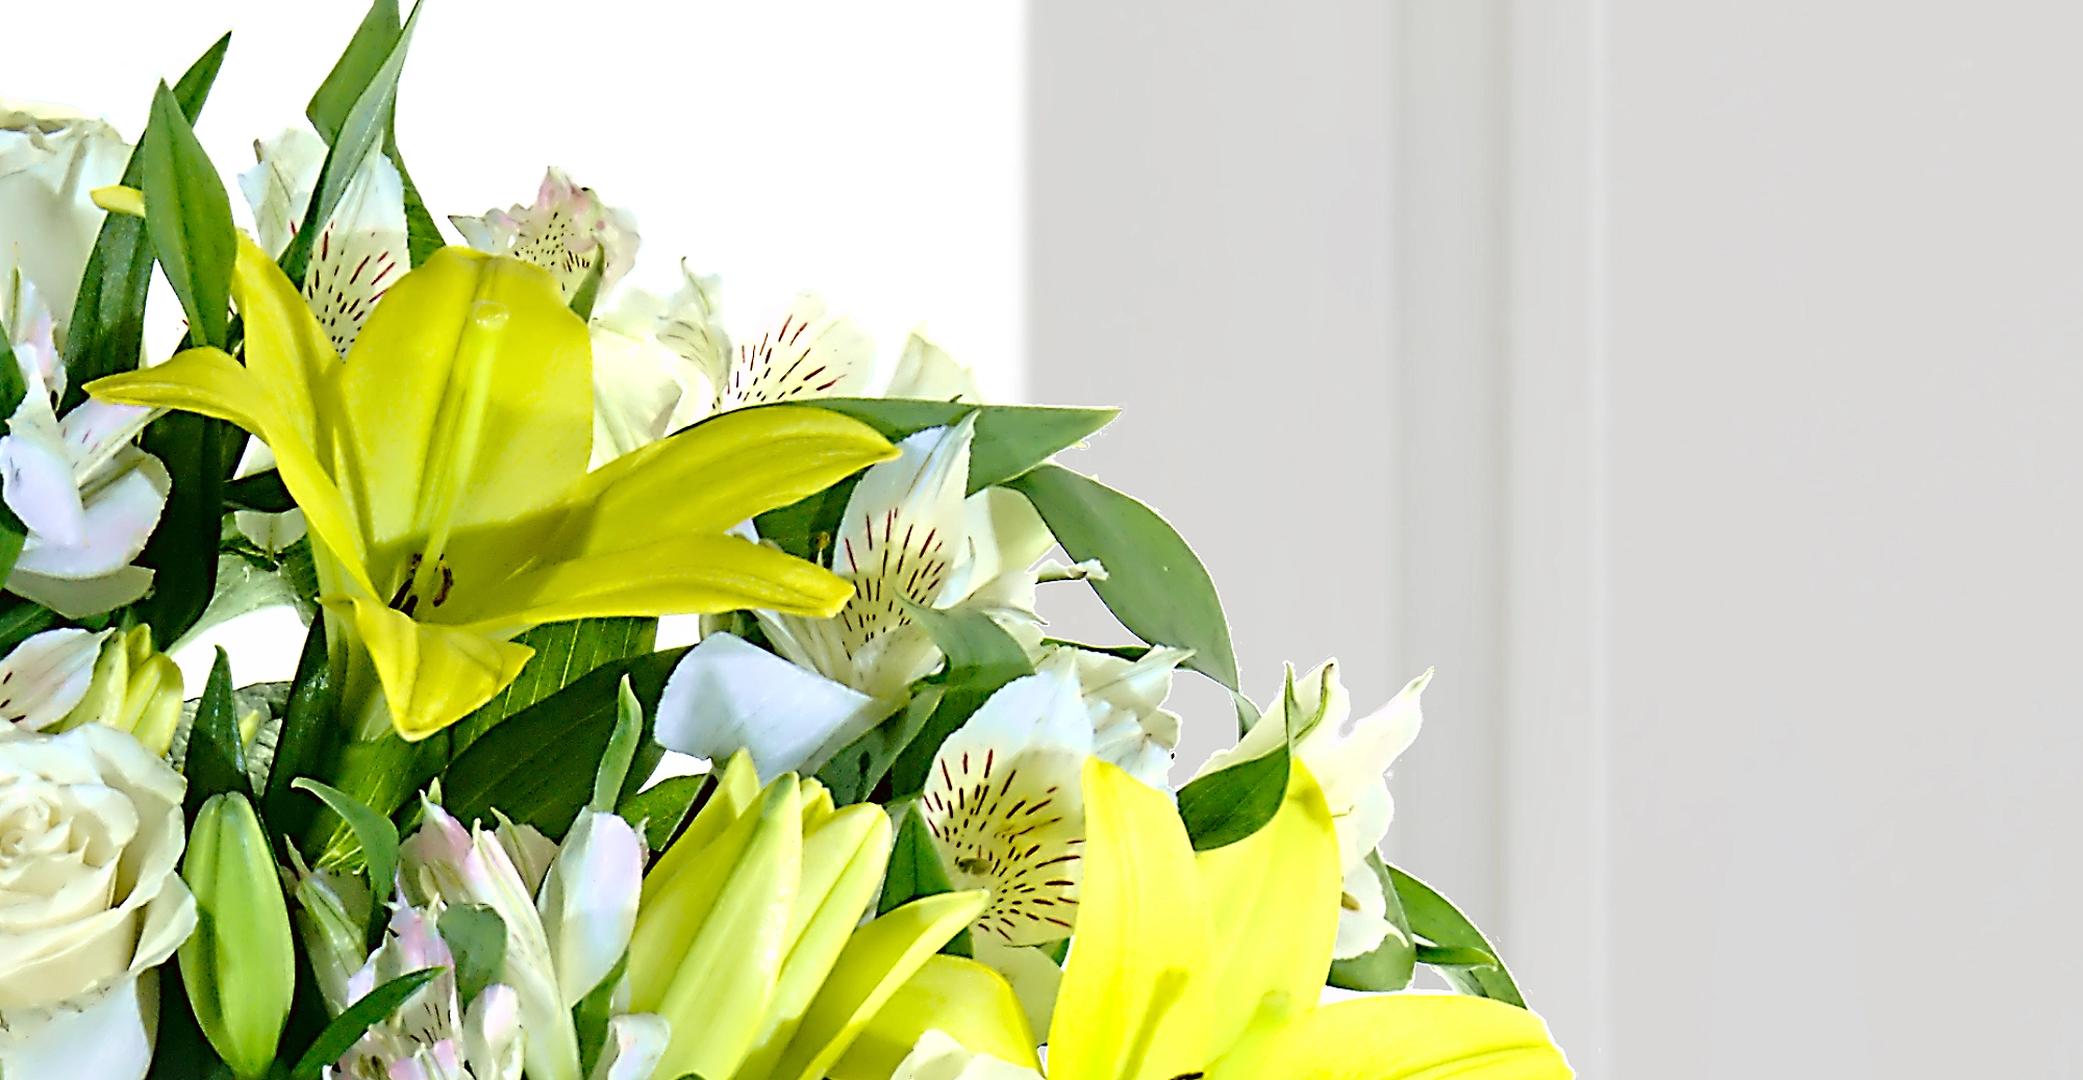 Espuma floral (1.0), Rosa blanca importada de tallo largo (9.0), Astromelias (10.0), Decorado con papel arroz (1.0), Ruscus (10.0), Liliums Amarillos (9.0)